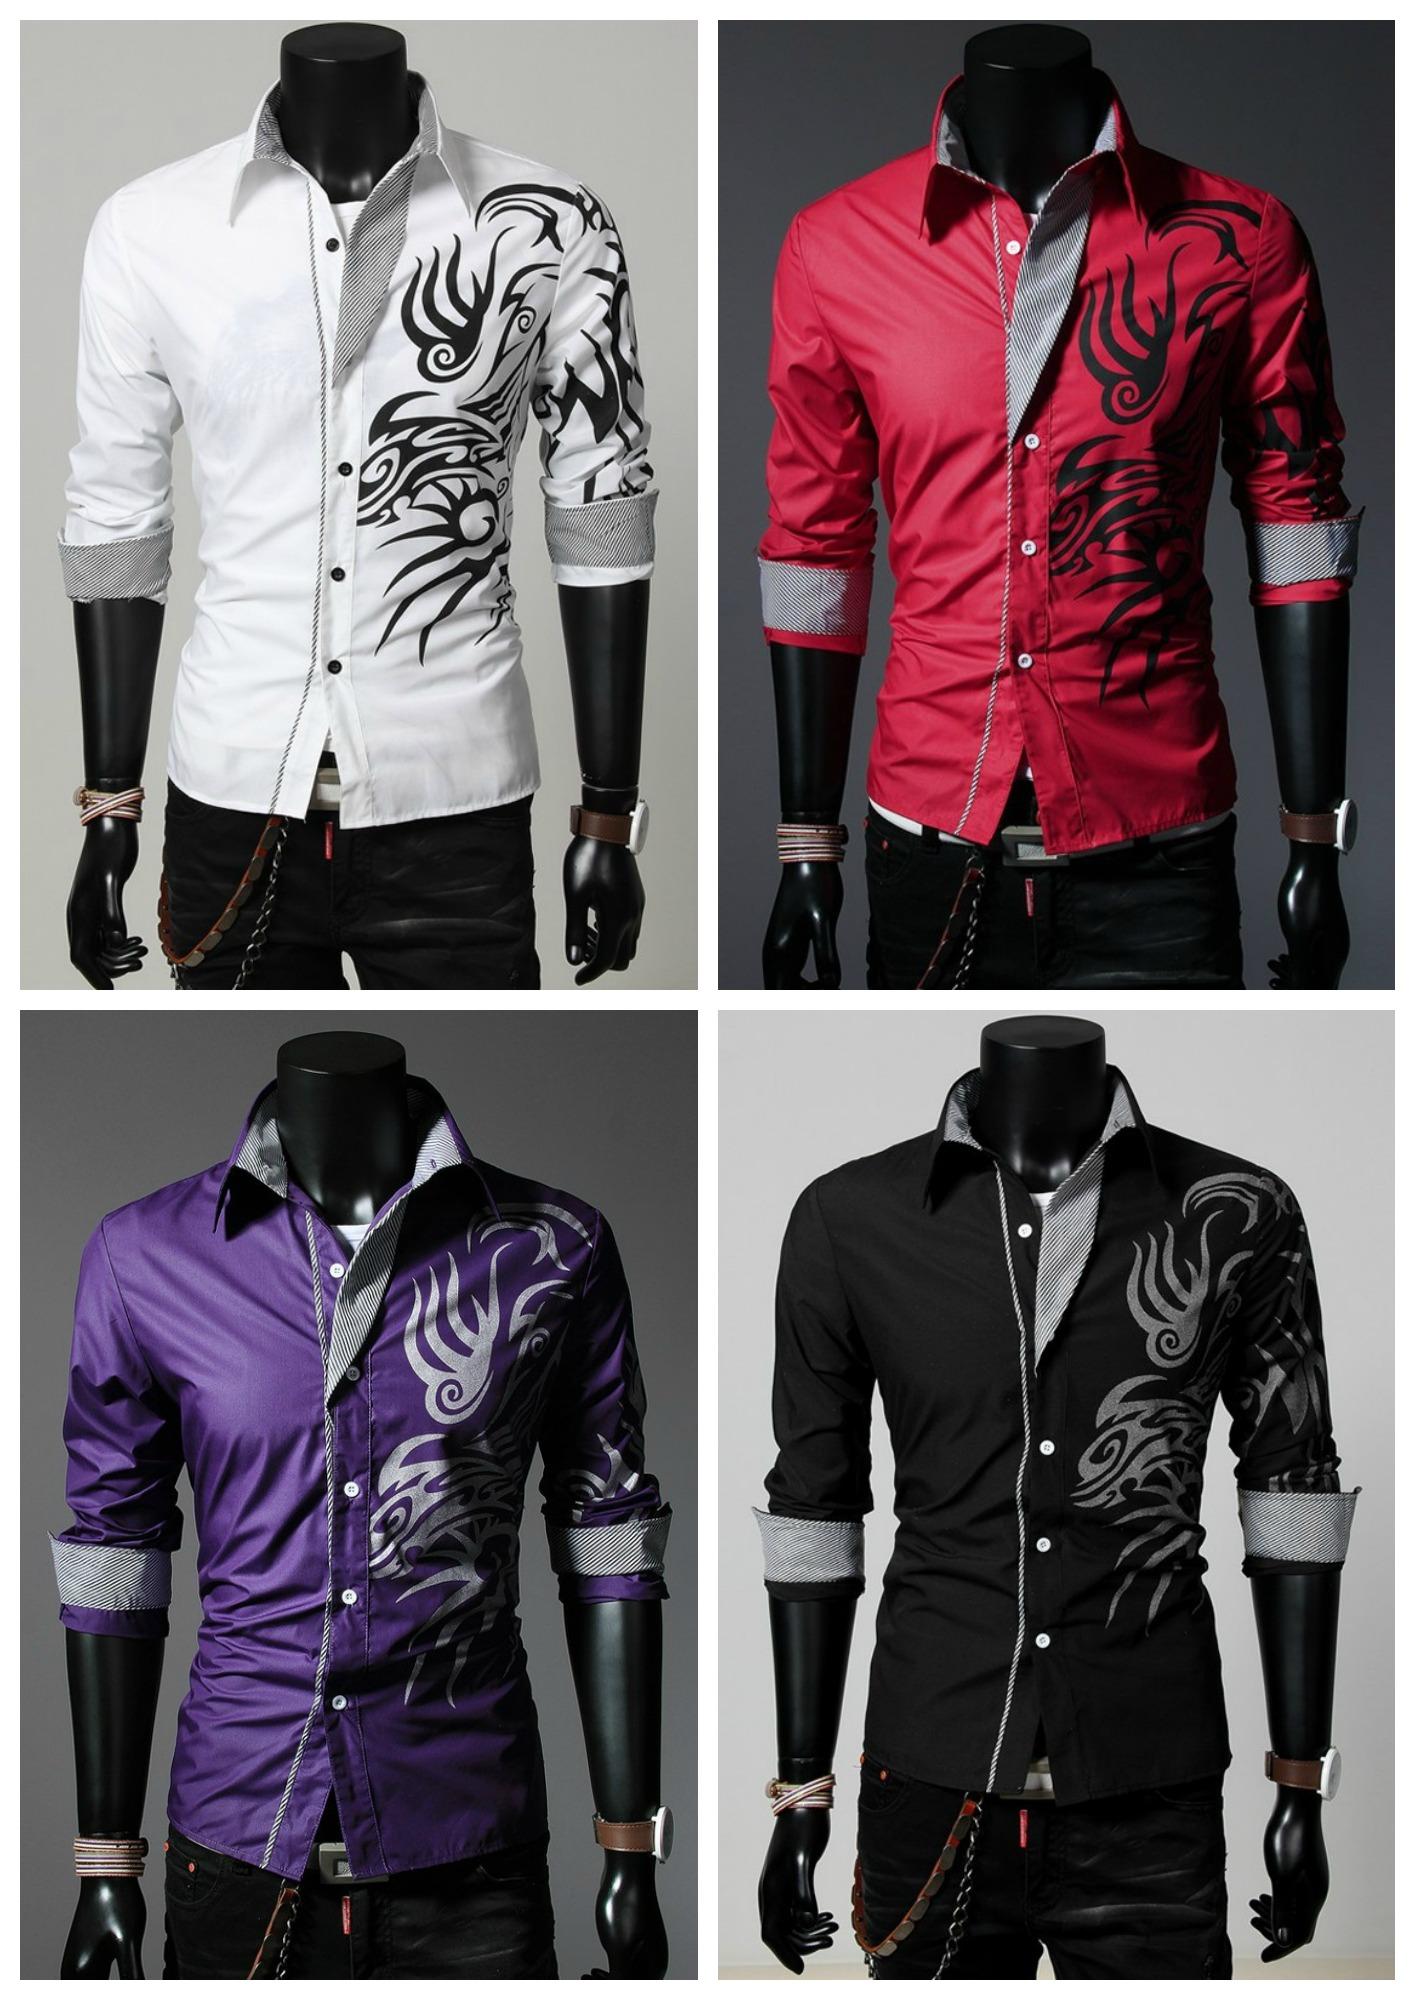 61b059a8cd1f0 Camisa Casual Moderna com Desenhos Tribais - Vermelha